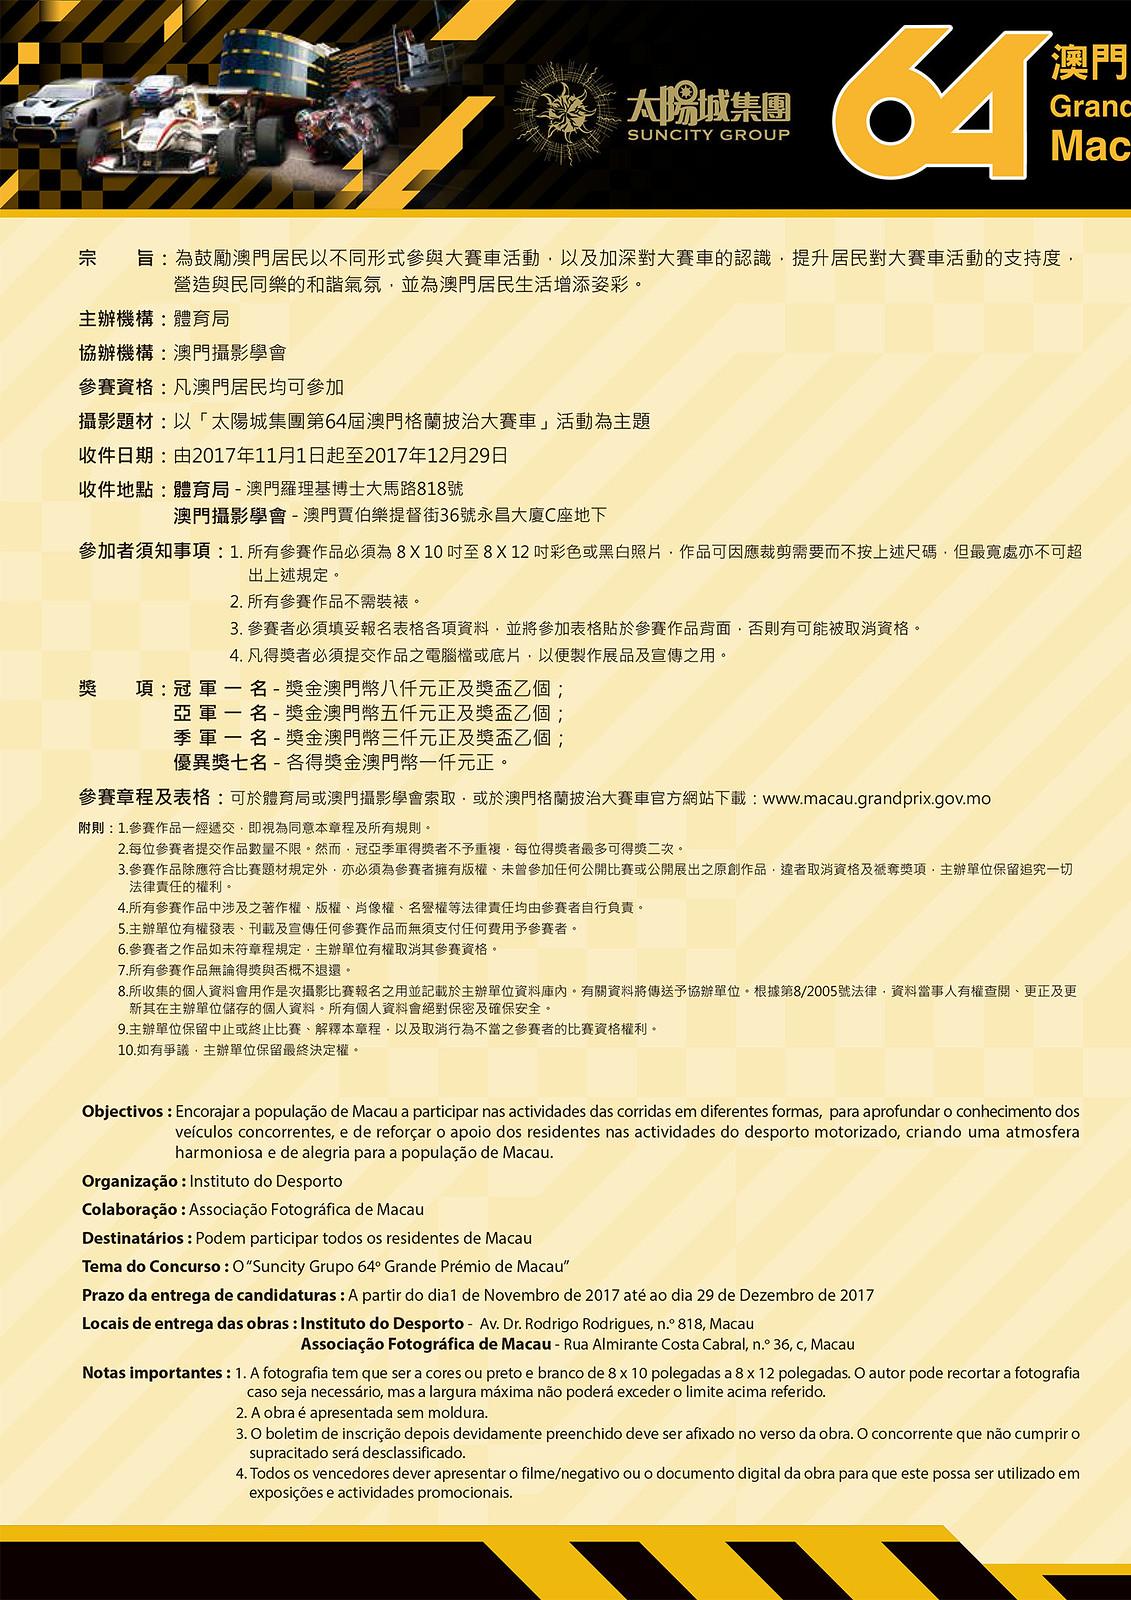 003_大賽車攝影比賽_宣傳單張及報名表